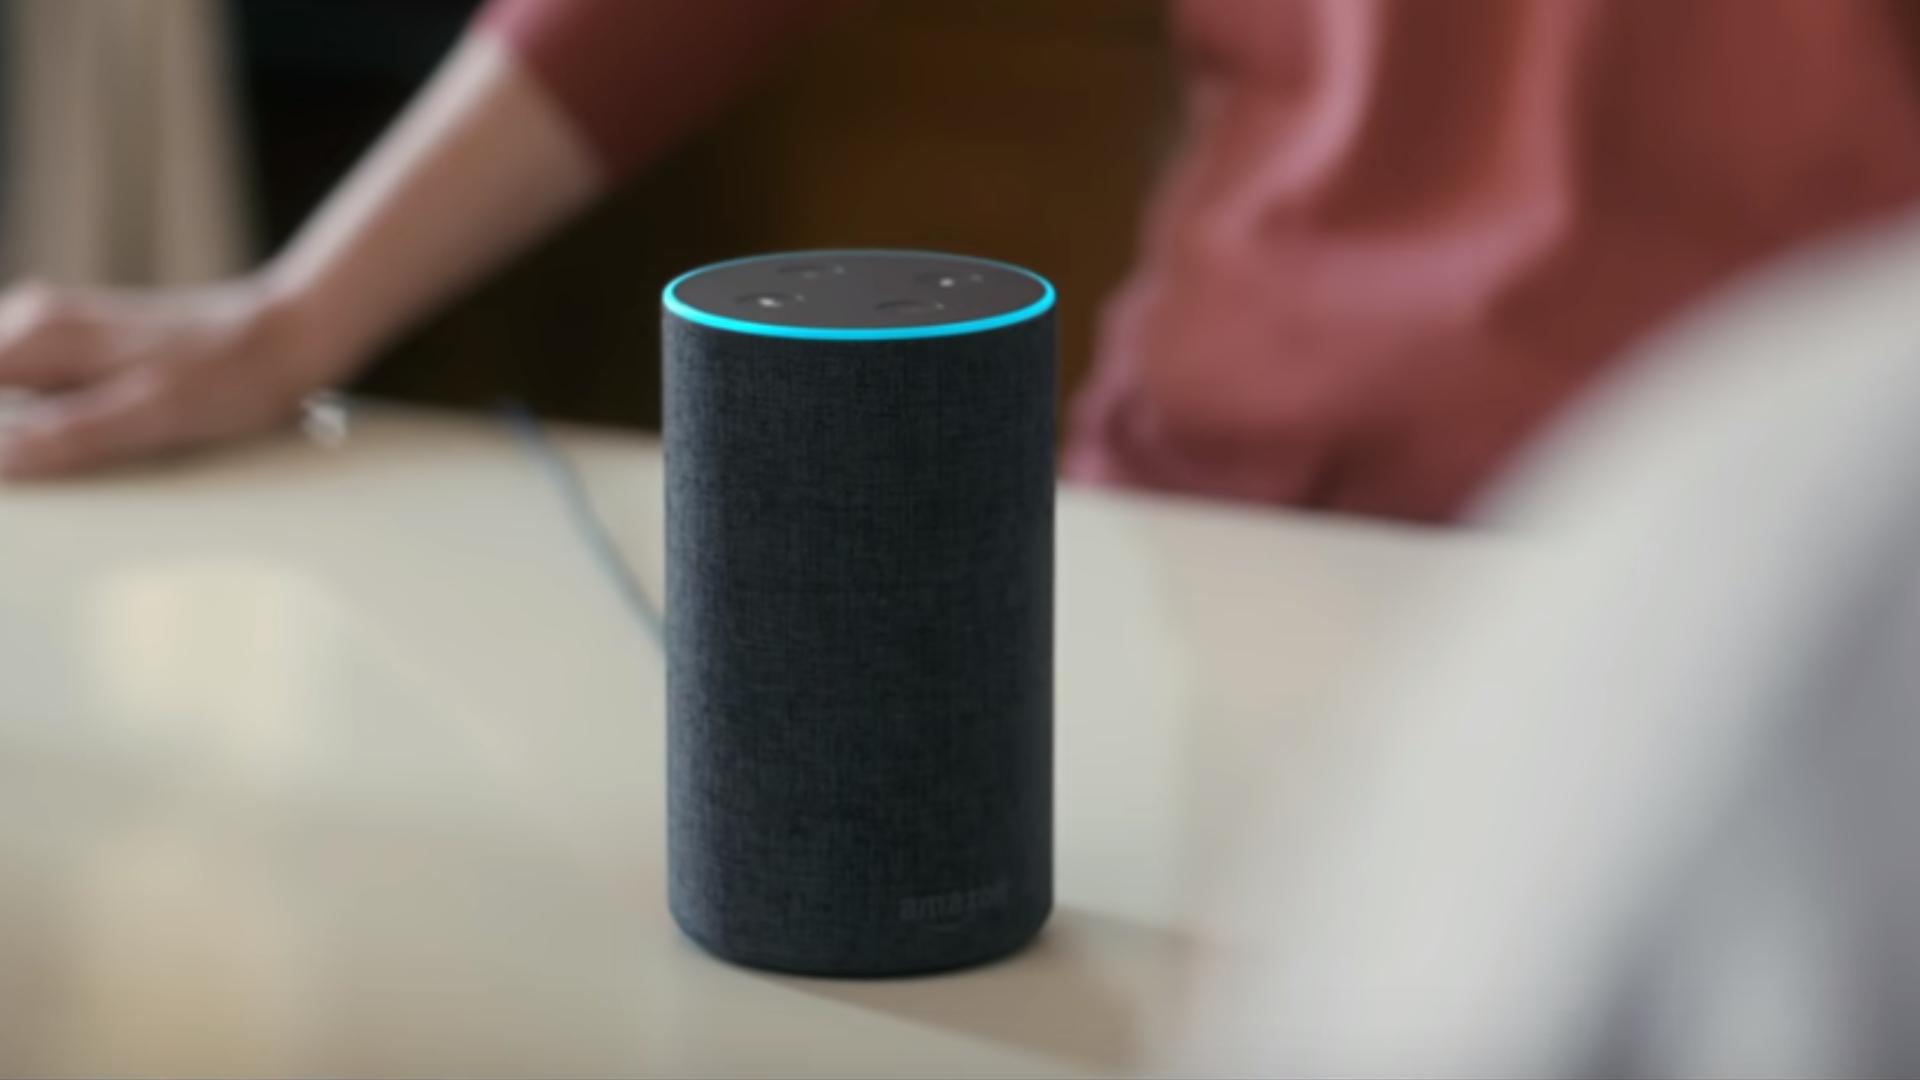 Les employés Amazon qui écoutent vos conversations avec Alexa peuvent savoir où vous habitez